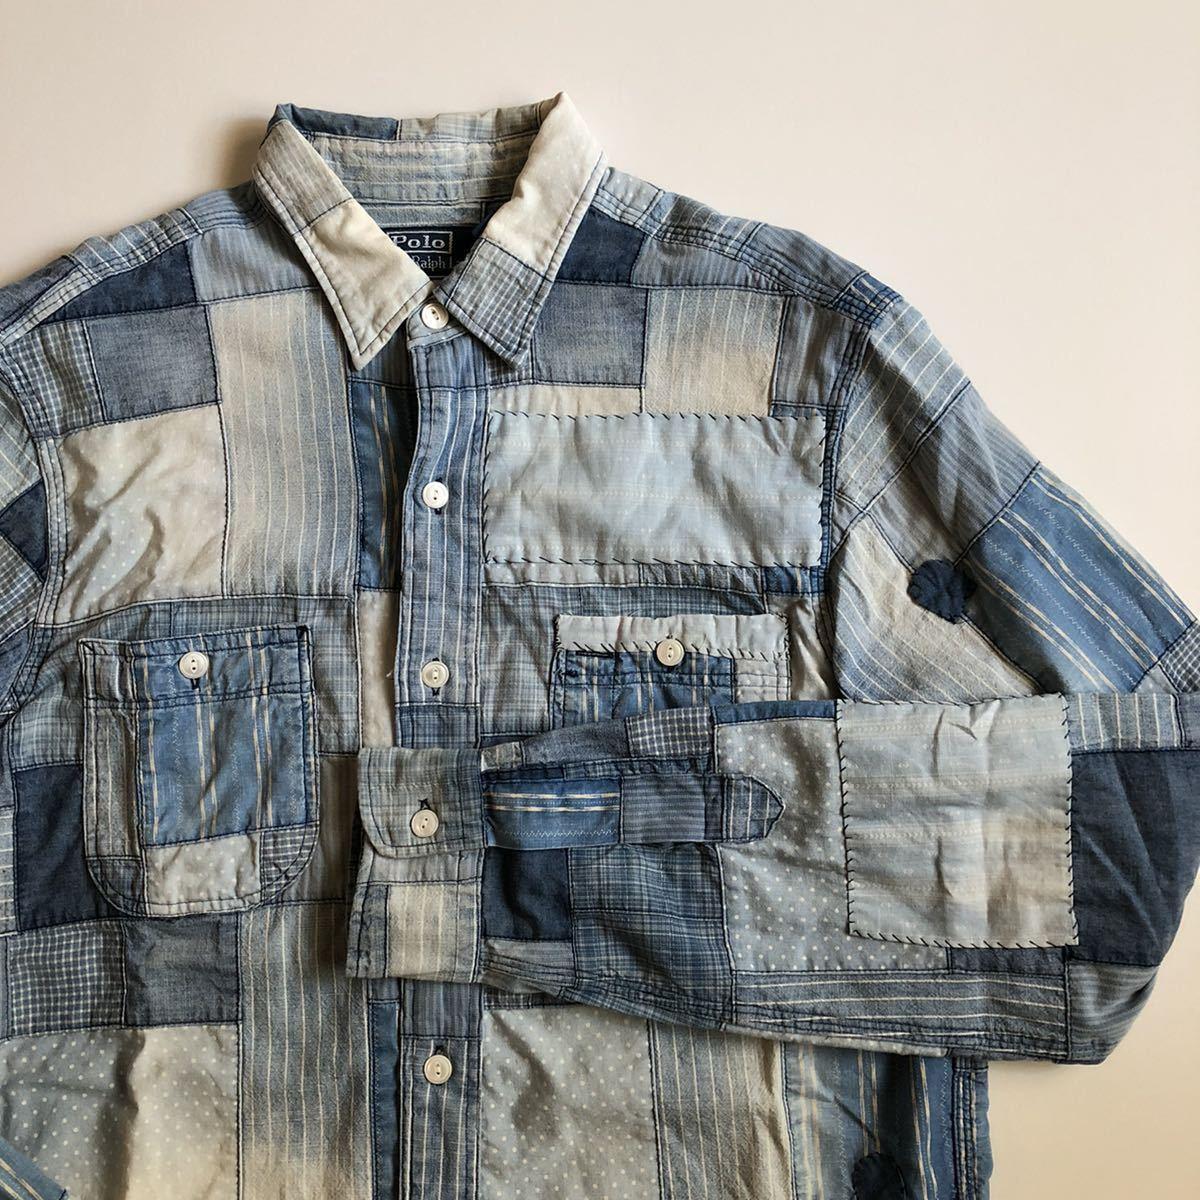 """【希少】Polo by Ralph Lauren """"Patchwork Shirt"""" パッチワーク シャツ インディゴ ポロ ラルフ ローレン RRL S_画像1"""